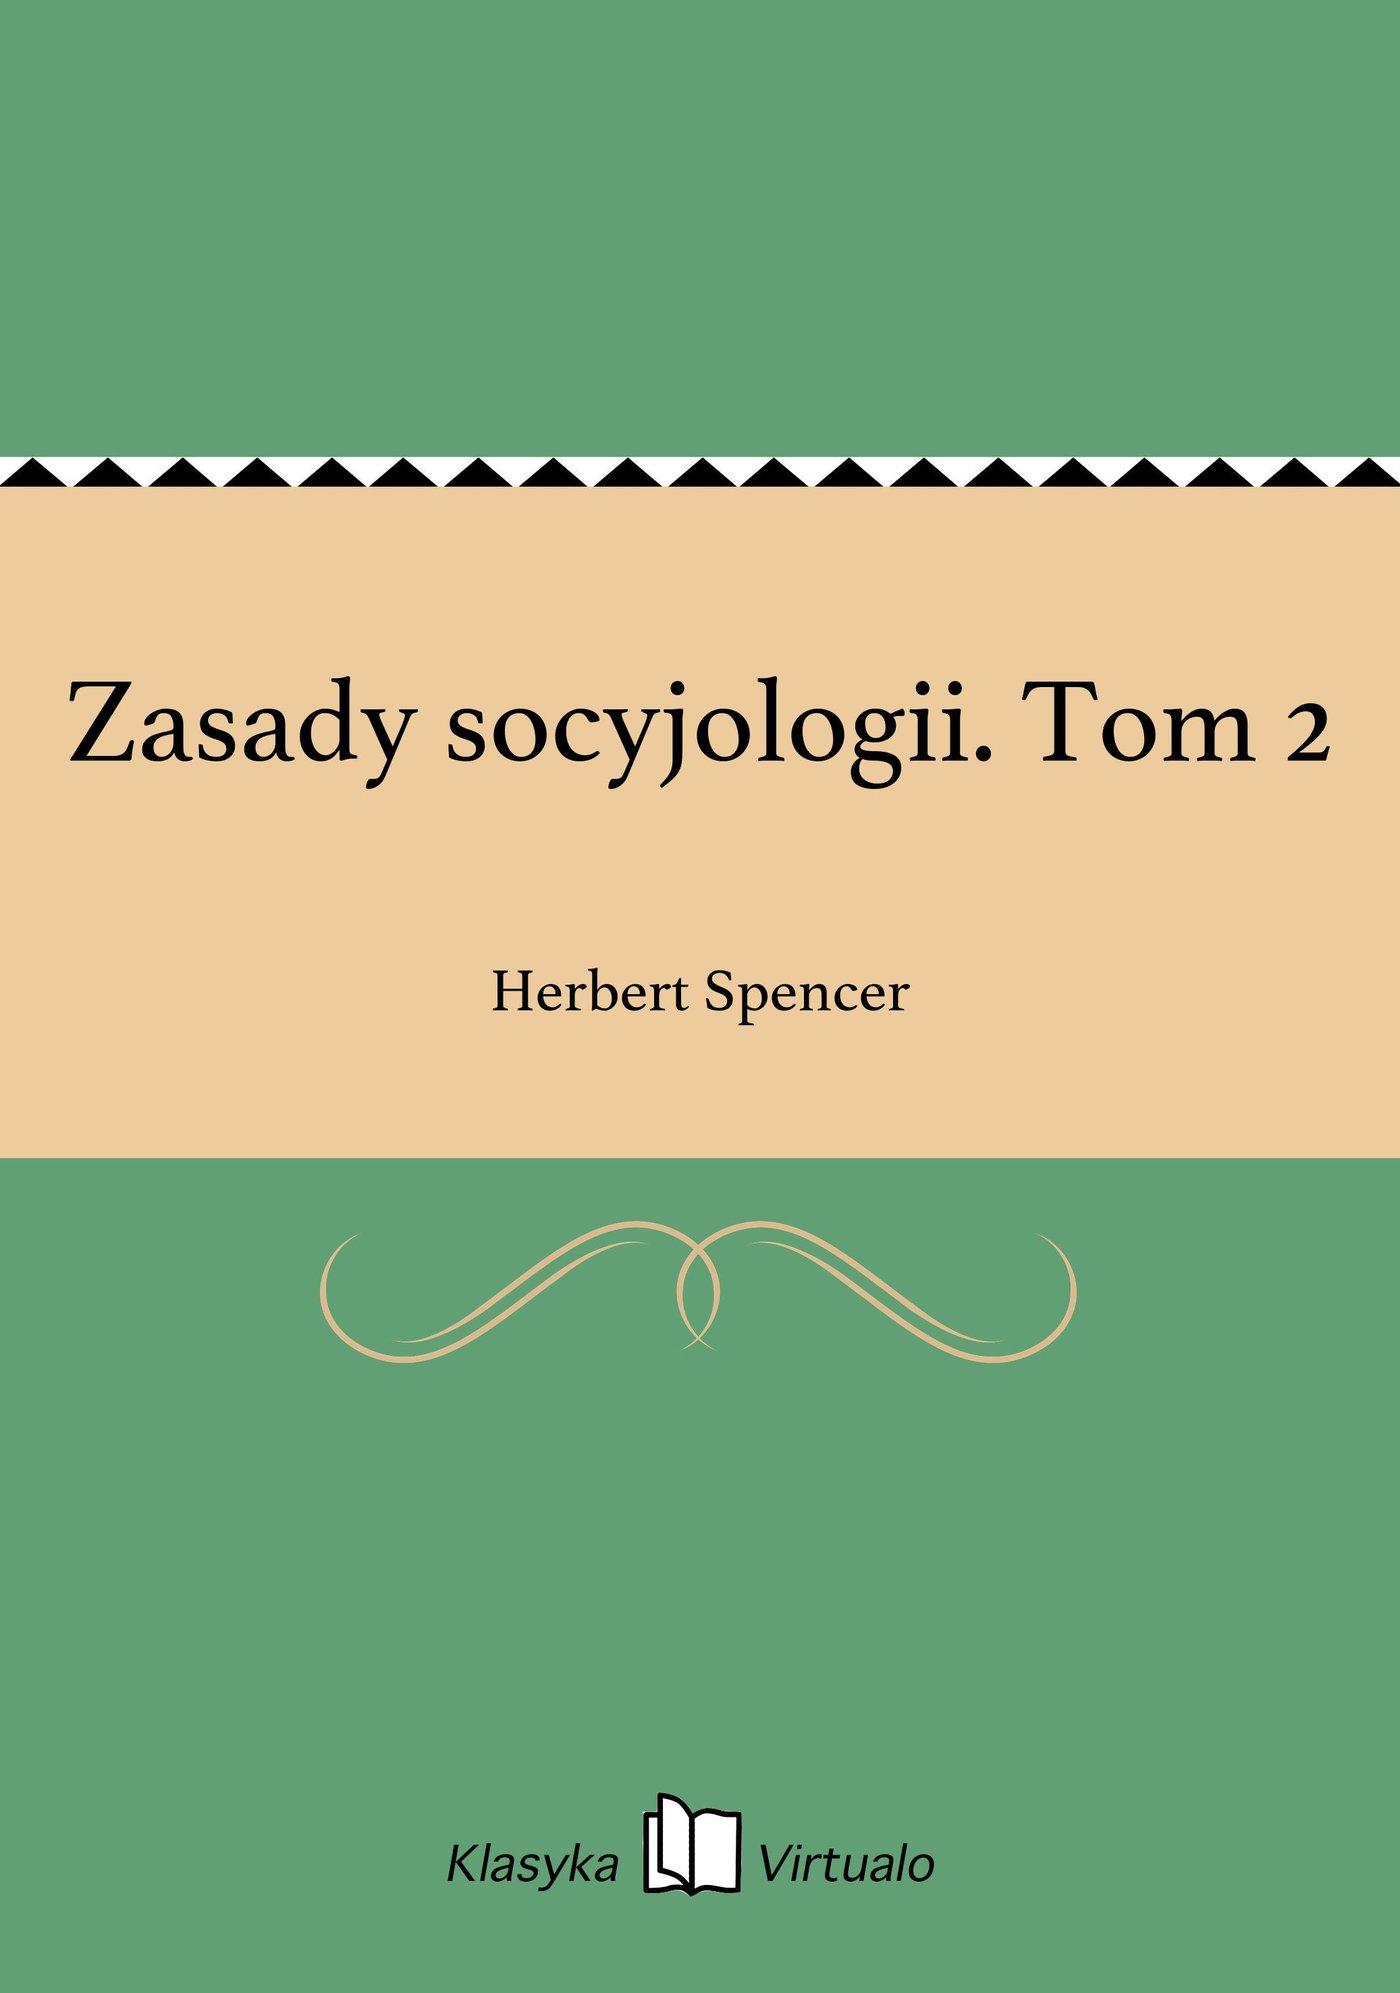 Zasady socyjologii. Tom 2 - Ebook (Książka EPUB) do pobrania w formacie EPUB